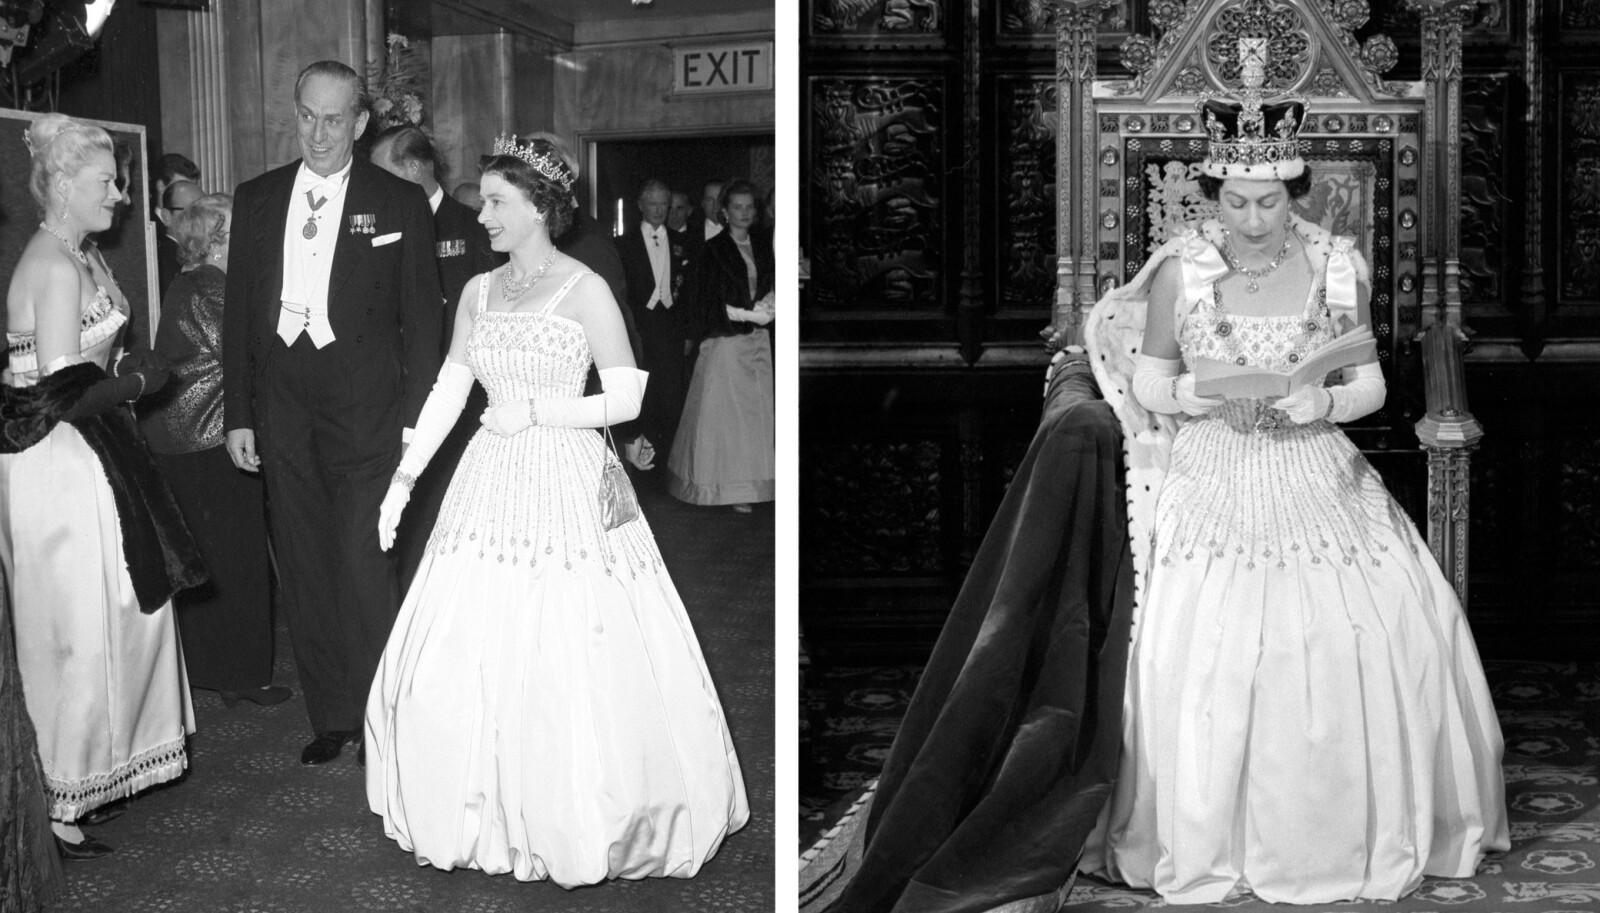 <strong>GJENBRUK:</strong> Dronning Elizabeth i kjolen som barnebarnet mange år senere skulle velge som brudekjole. Bildet til venstre er tatt under filmpremieren i 1962, mens bildet til høyre et tatt fire år senere i Parlamentet. FOTO: NTB scanpix